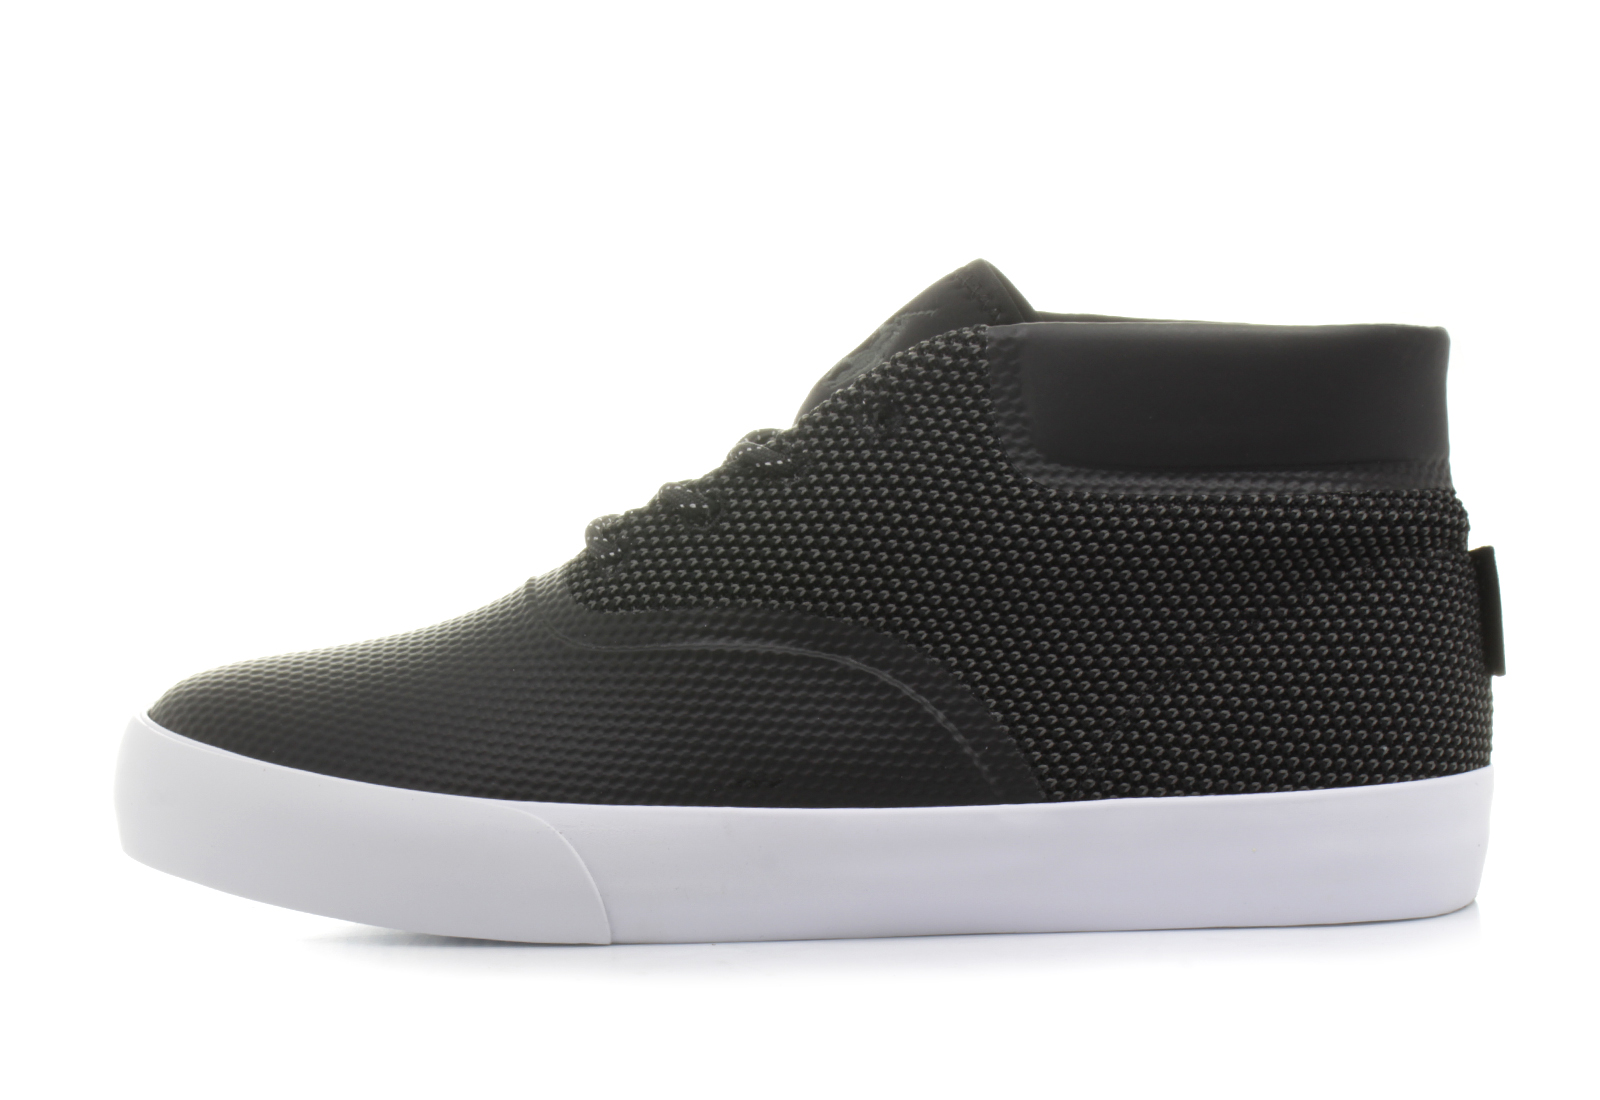 Polo Ralph Lauren Cipő - Vadik-ne - 816678120001 - Office Shoes ... 1183d4c649